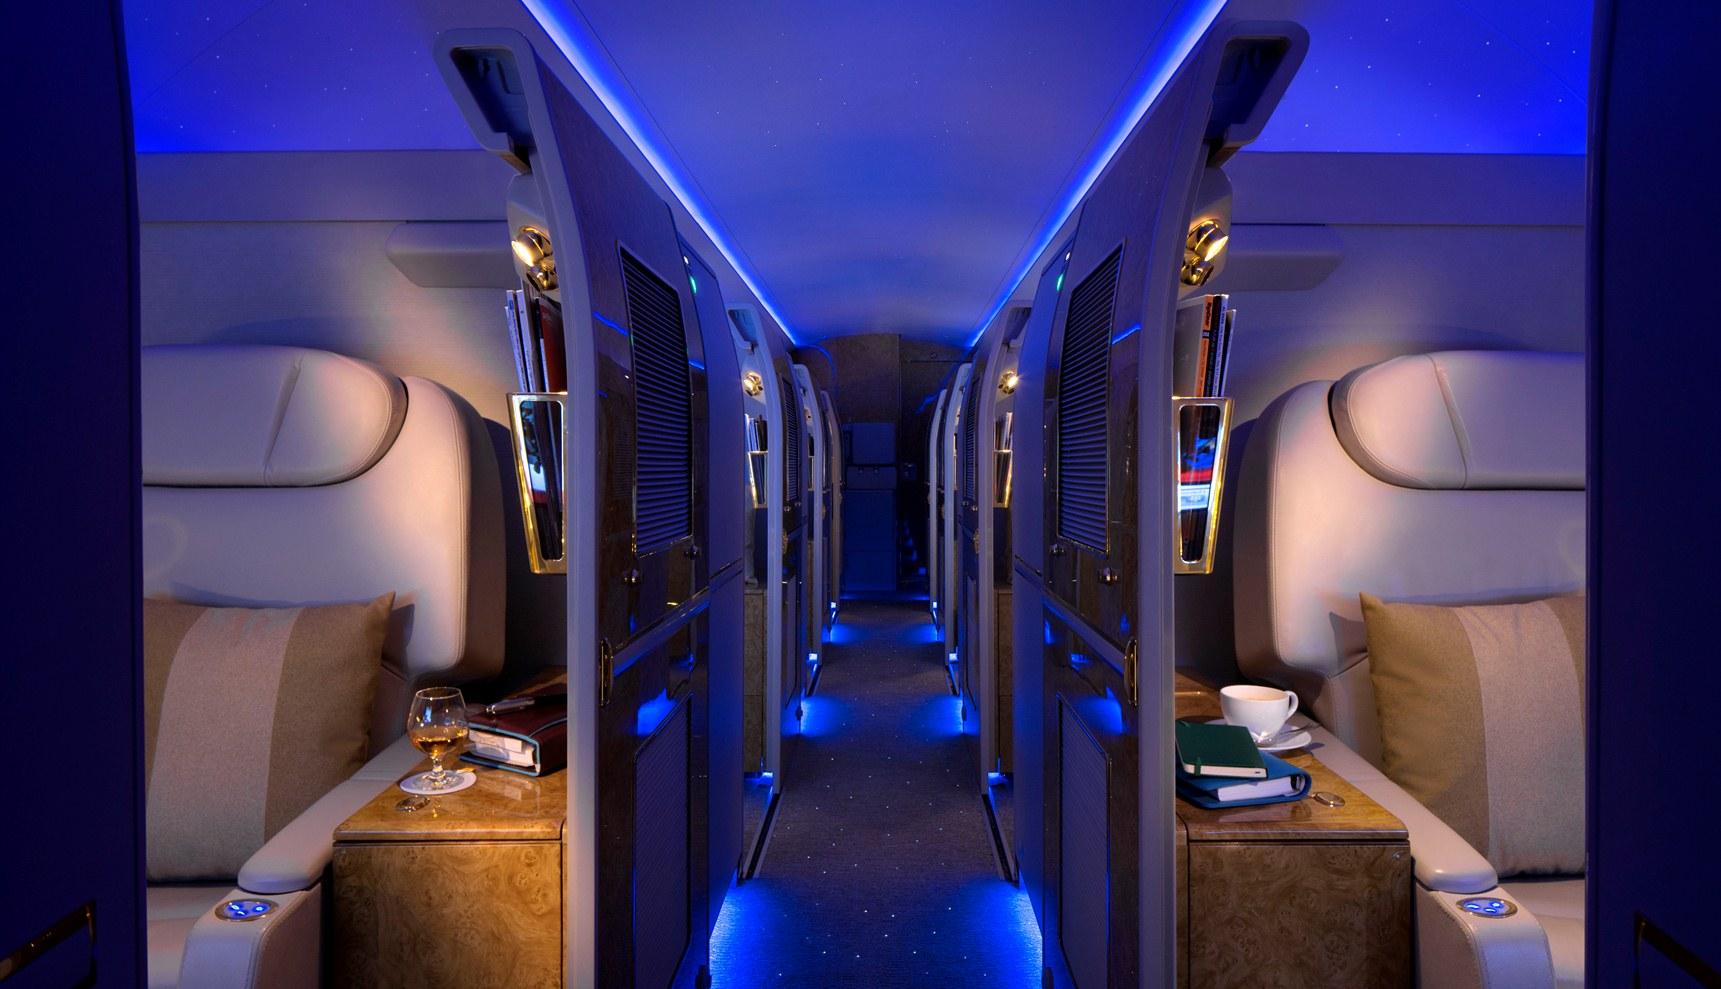 Jacuzzis, saunas, suites privadas: las aerolíneas potencian los servicios de lujo